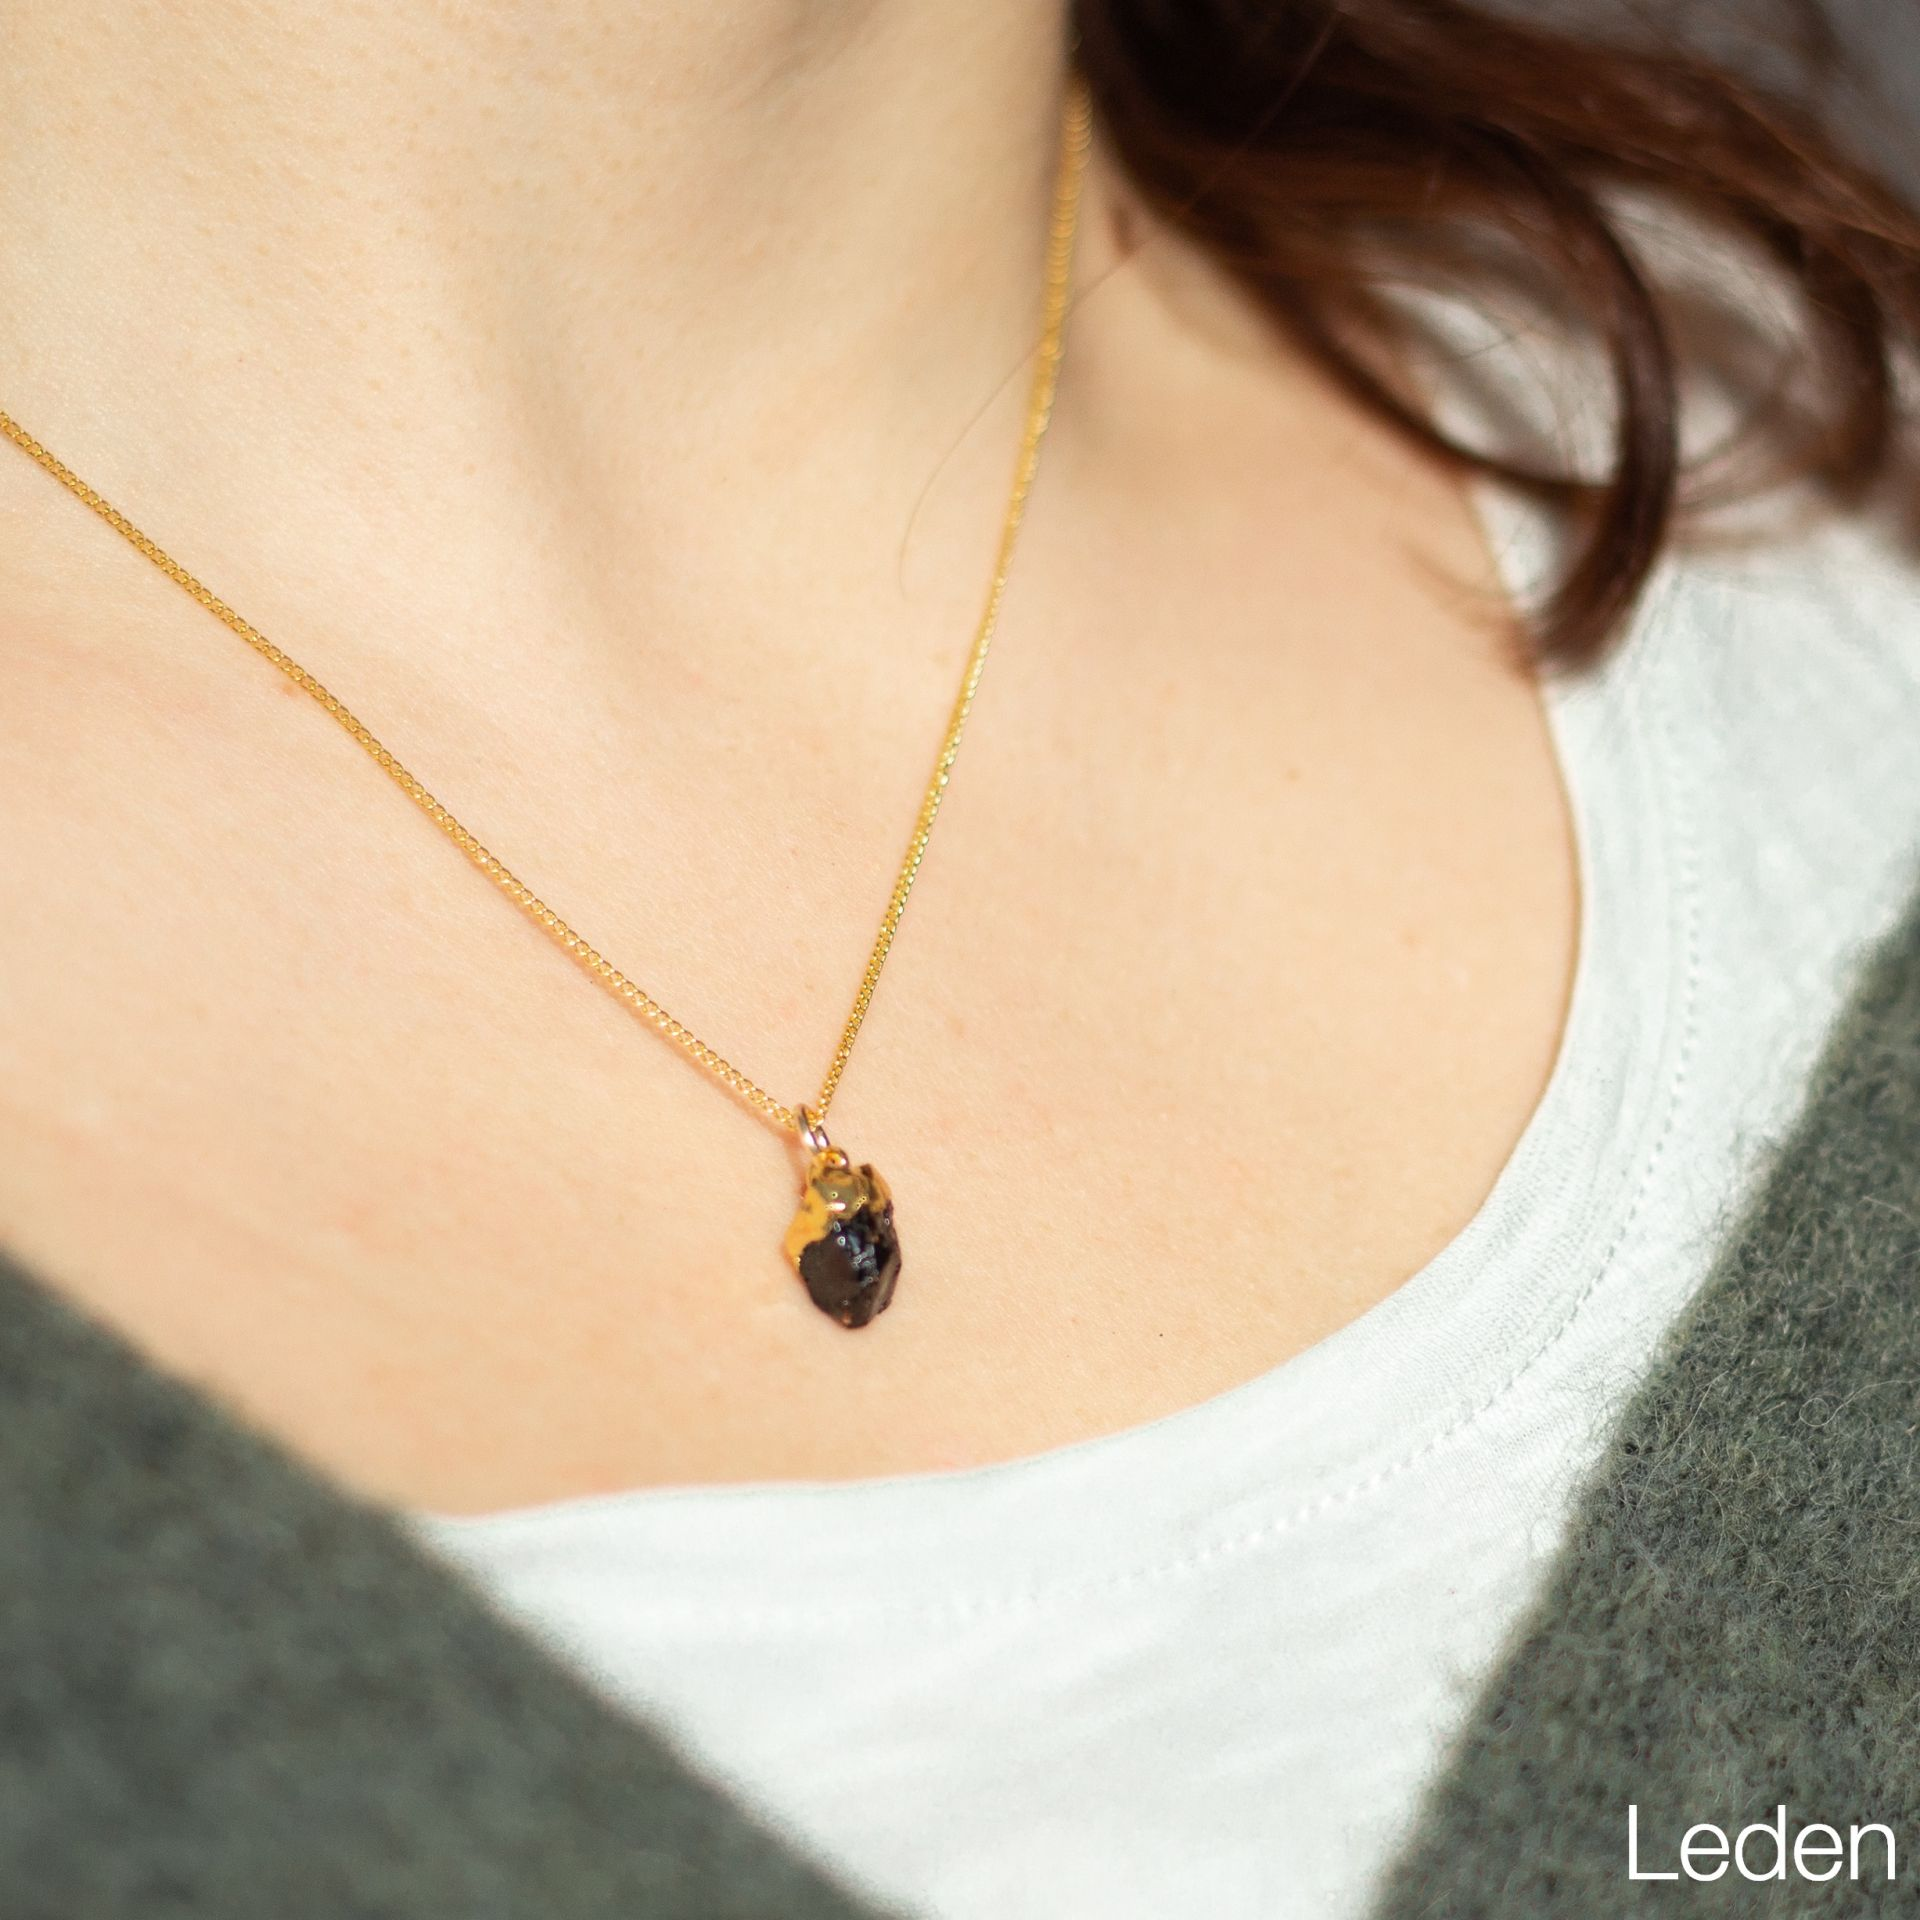 DECADORN Pozlacený řetízek s narozeninovým kamenem Birthstone Leden - granát, multi barva, zlatá barva, kov, kámen